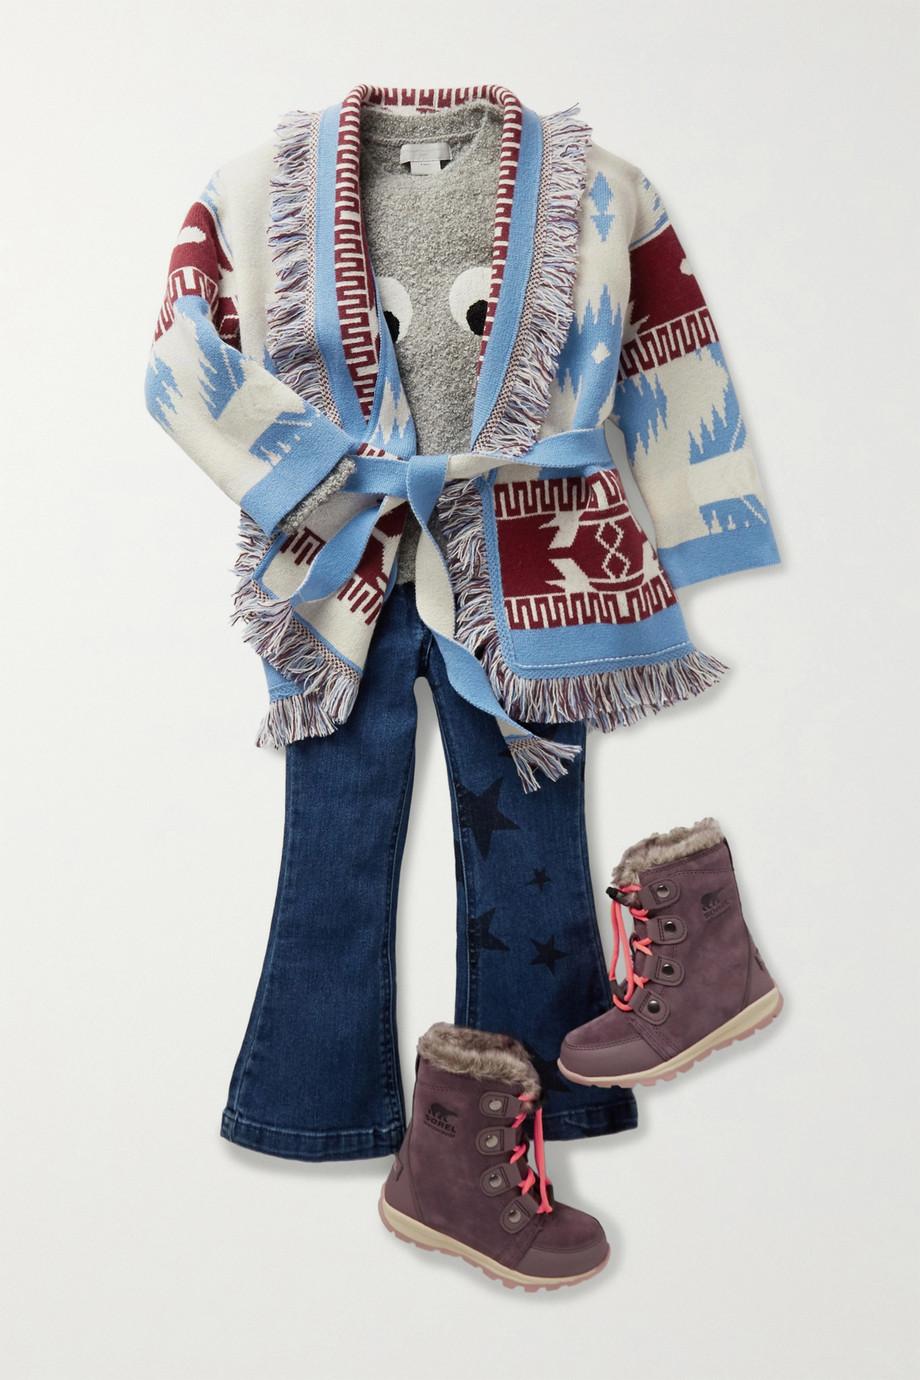 Sorel Kids Whitney Stiefel aus Veloursleder mit Fleecefutter und Faux-Fur-Besatz